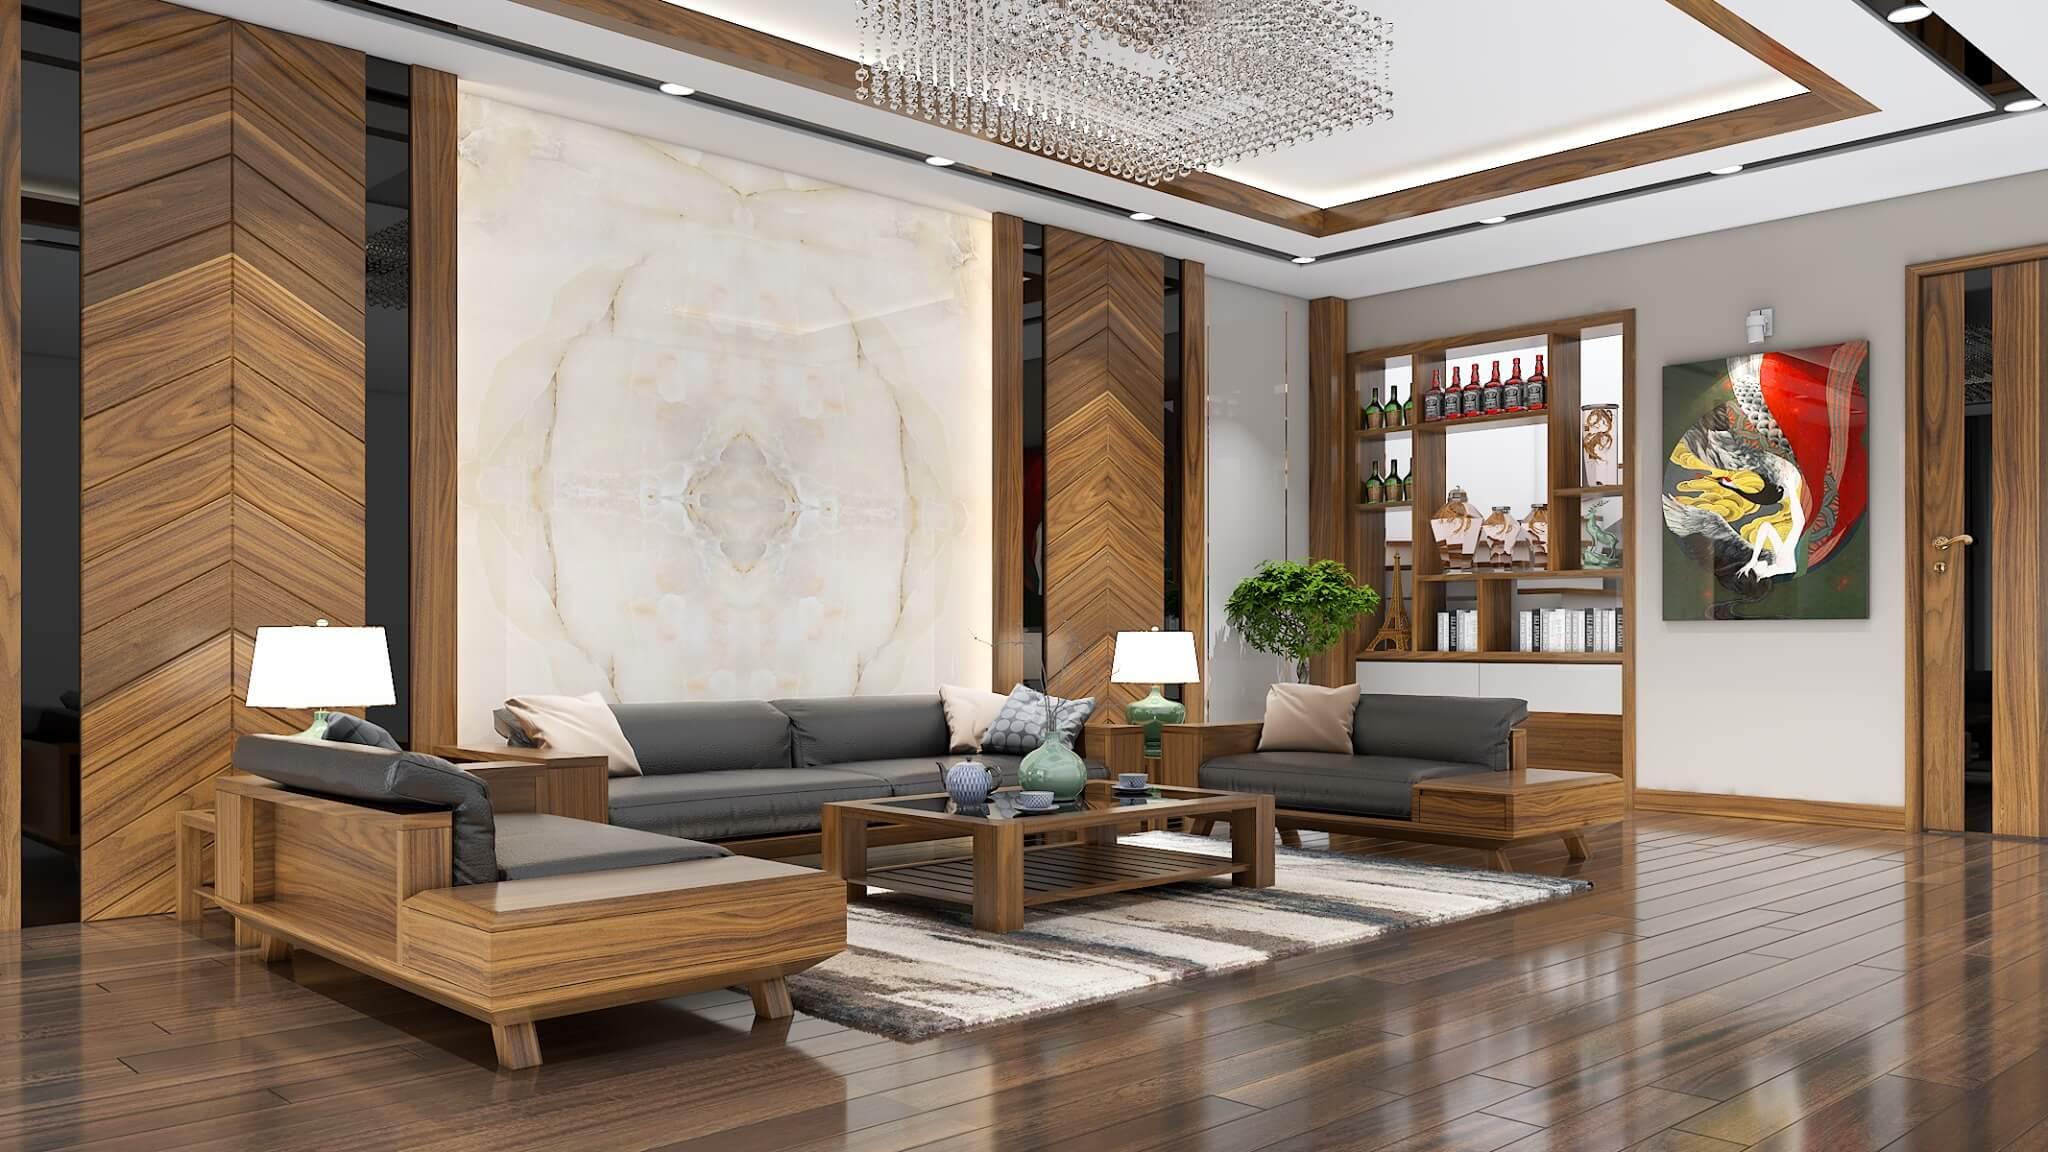 Phòng khách được thiết kế với điểm nhấn là bộ sofa và vách ốp tường